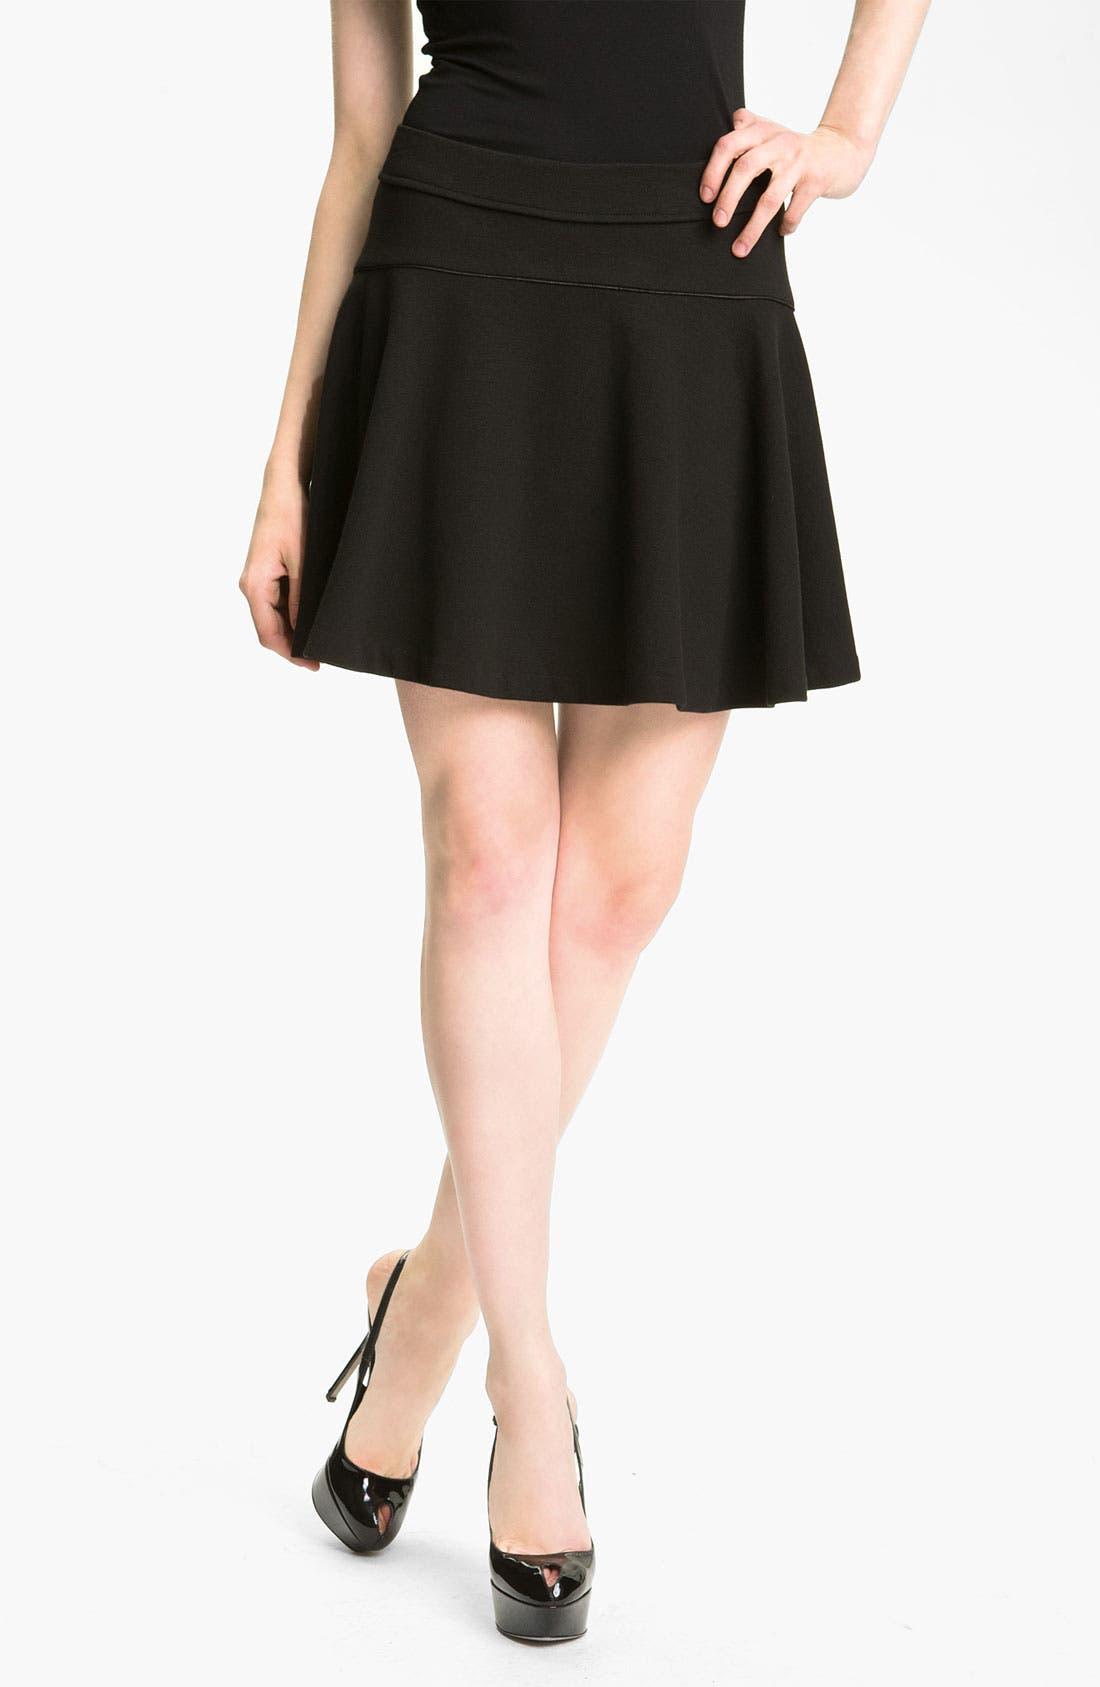 Alternate Image 1 Selected - Mcginn 'Billy' Skirt